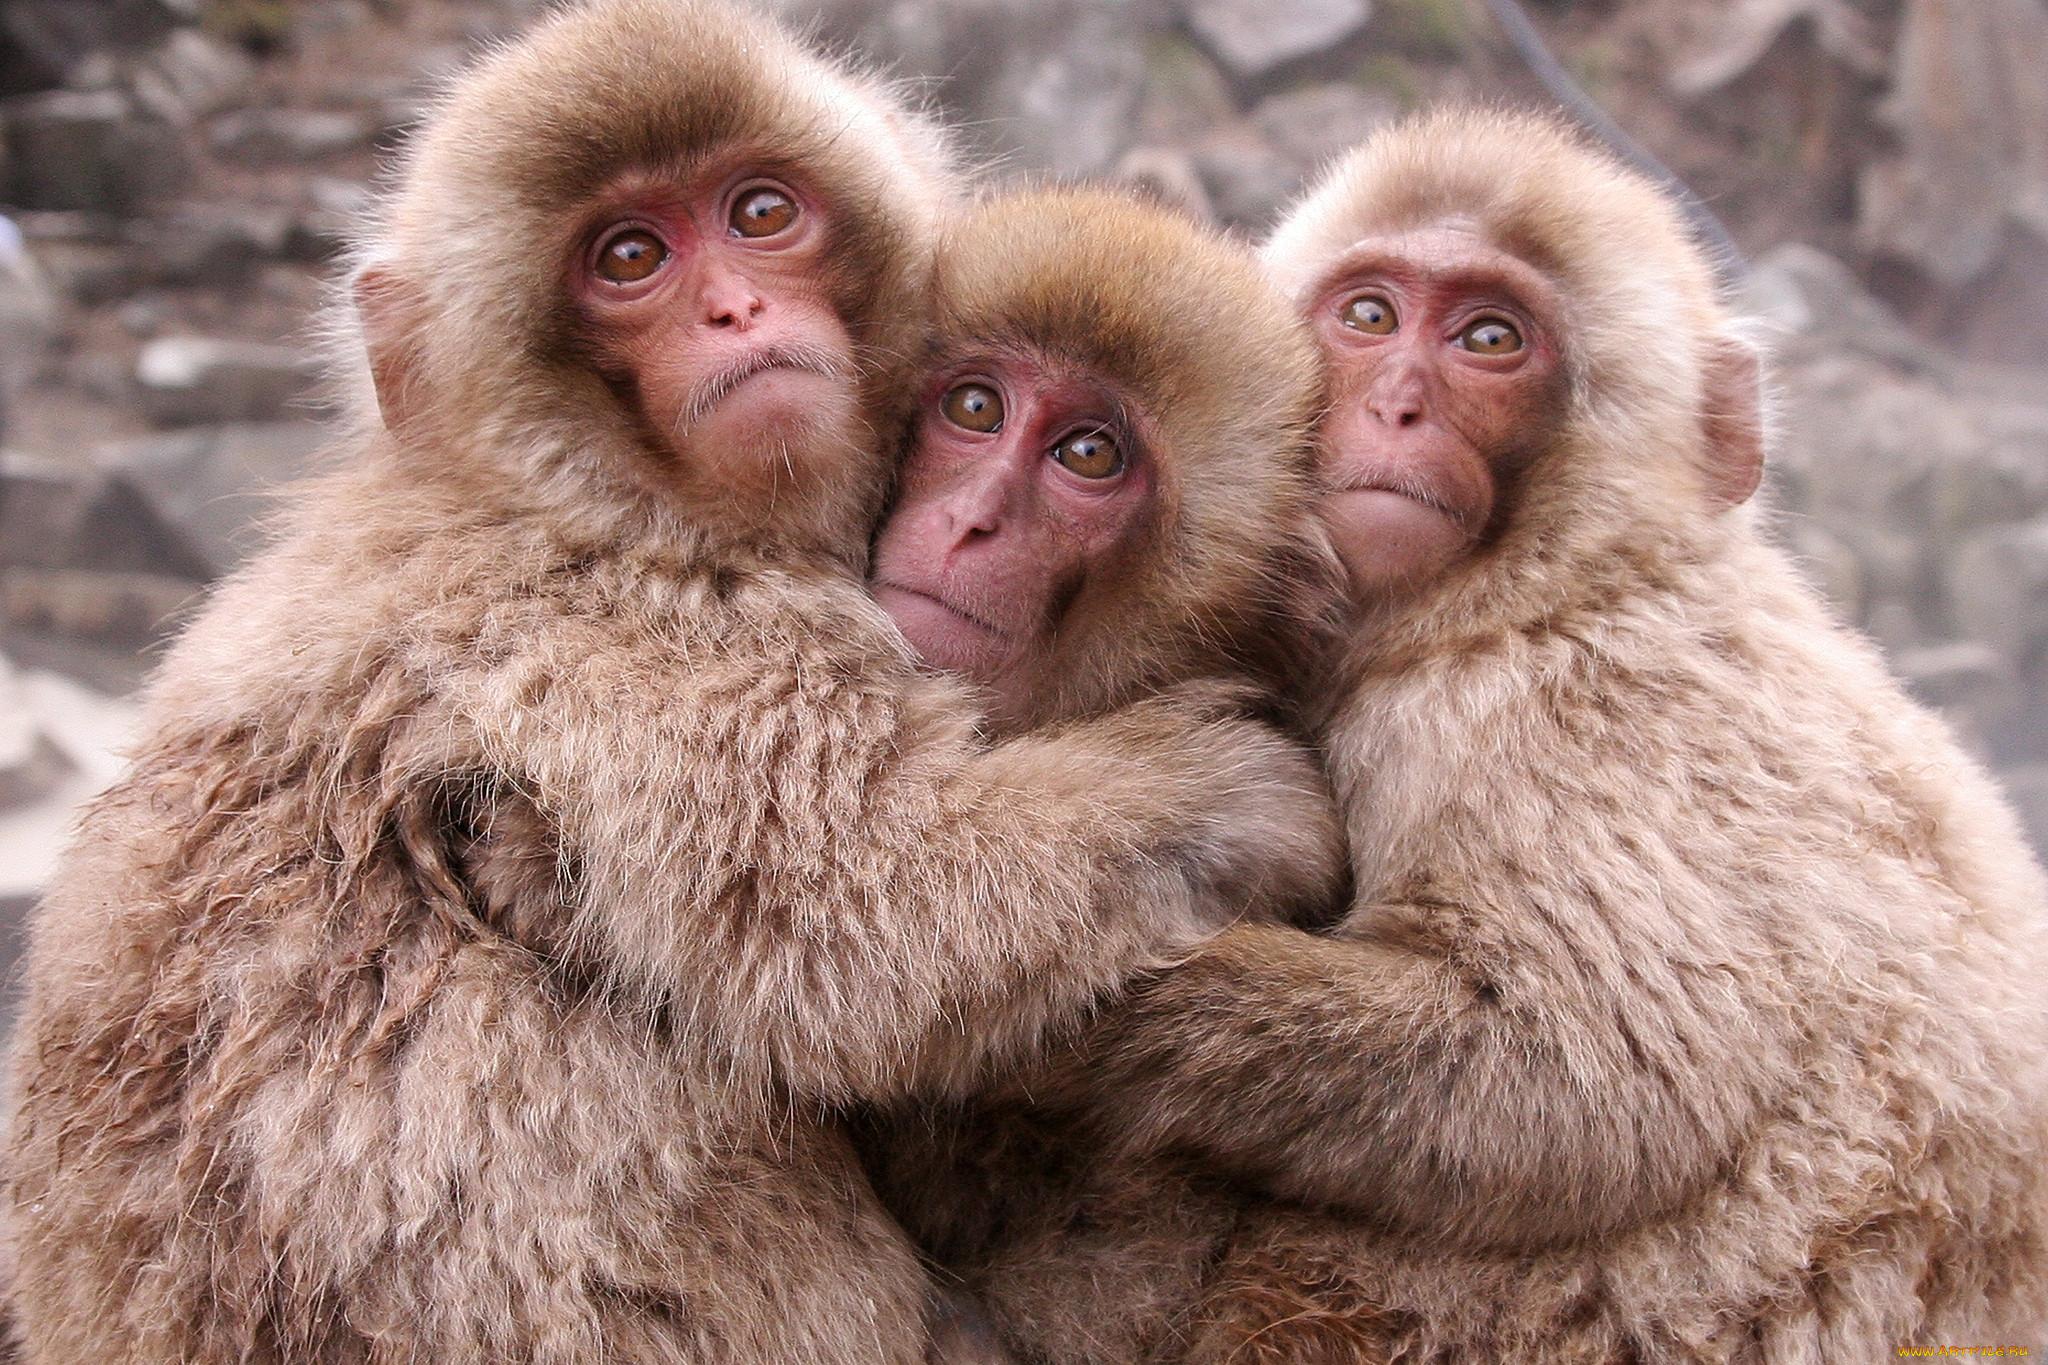 картинки где три животных смешные она